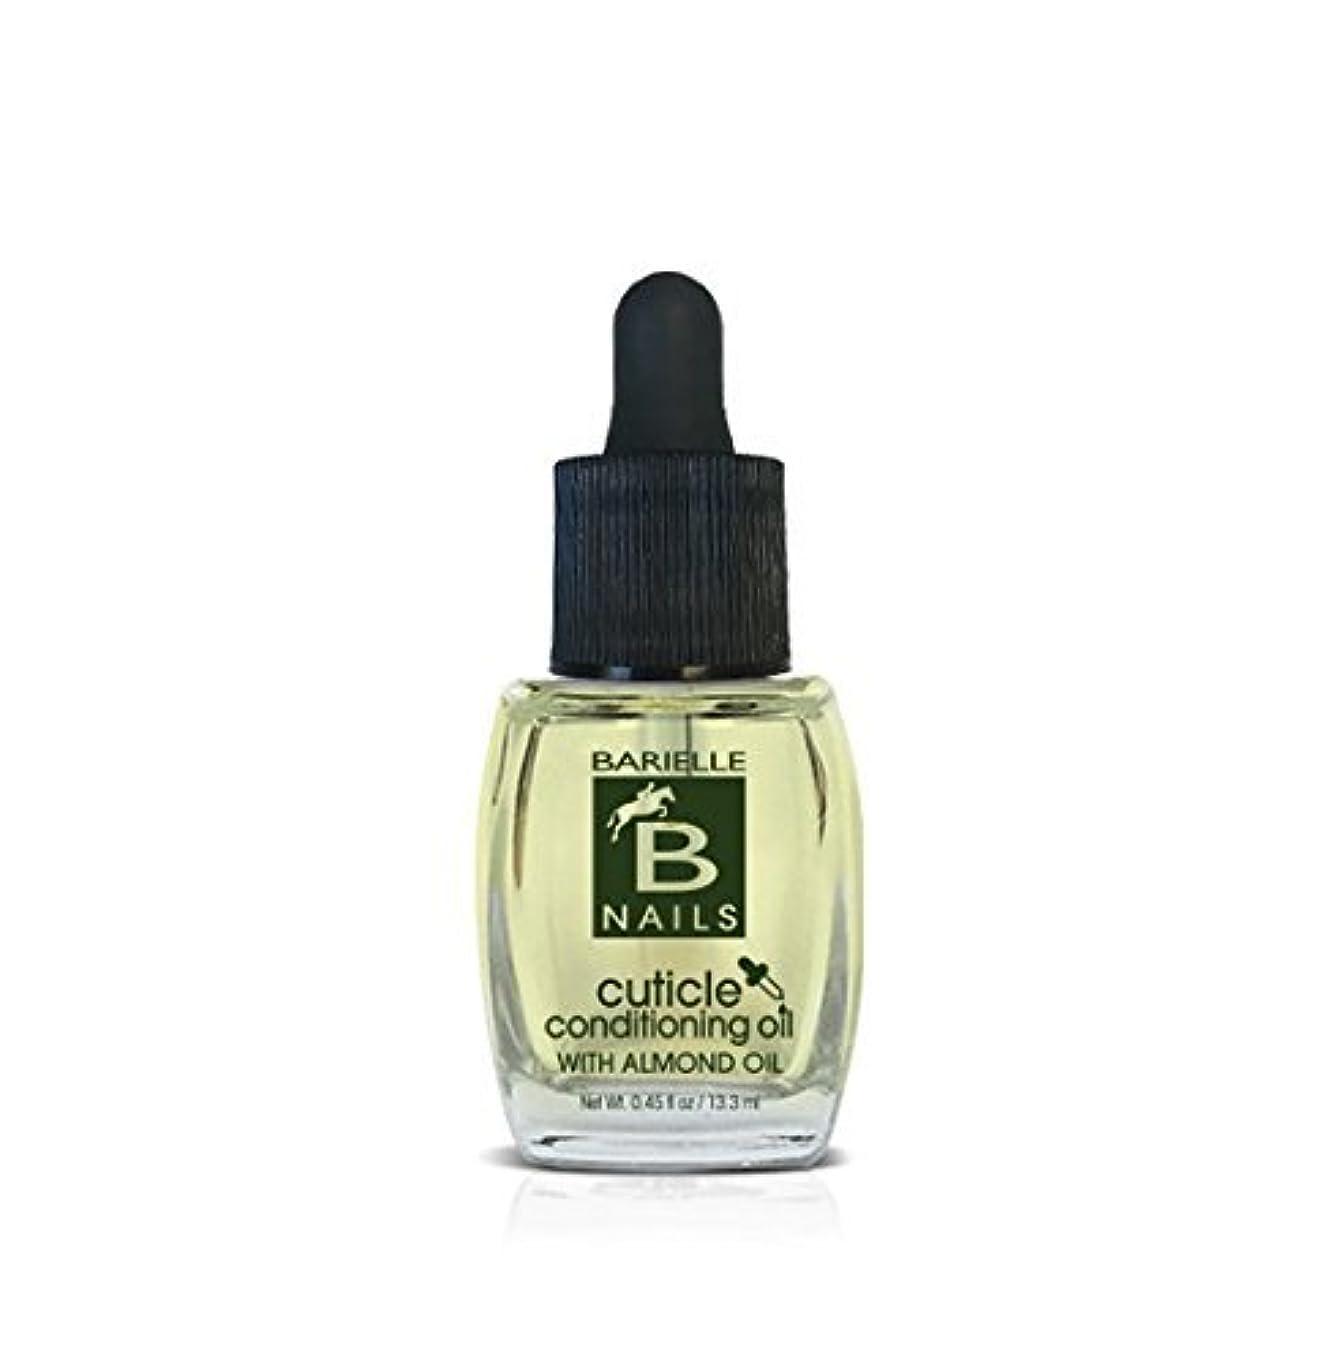 テメリティシプリー空白Barielle Nails - Cuticle Conditioning Oil with Almond Oil w/ Dropper - 13.3 mL / 0.45 oz